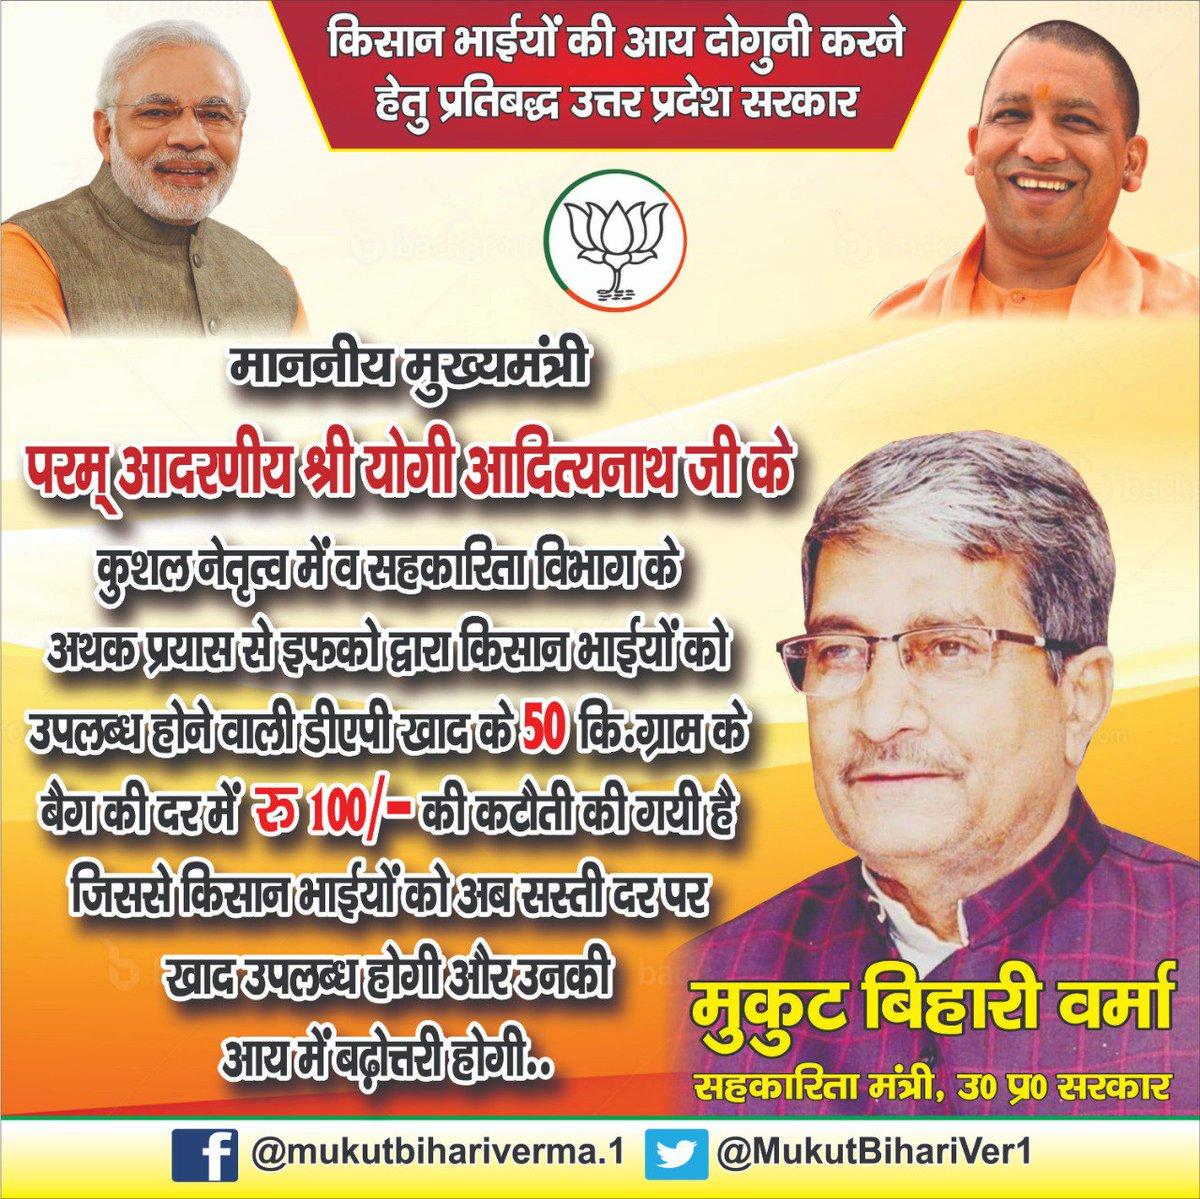 मा.@CMOfficeUP श्री @myogiadityanath जी के कुशल नेतृत्व में व सहकारिता विभाग के अथक प्रयास से इफको द्वारा किसान भाईयों को उपलब्ध होने वाली डीएपी खाद के 50 Kg के बैग की दर में रु 100/-की कटौती की गयी है जिससे किसानों को अब सस्ती दर पर खाद उपलब्ध होगी और उनकी आय में बढ़ोत्तरी होगी